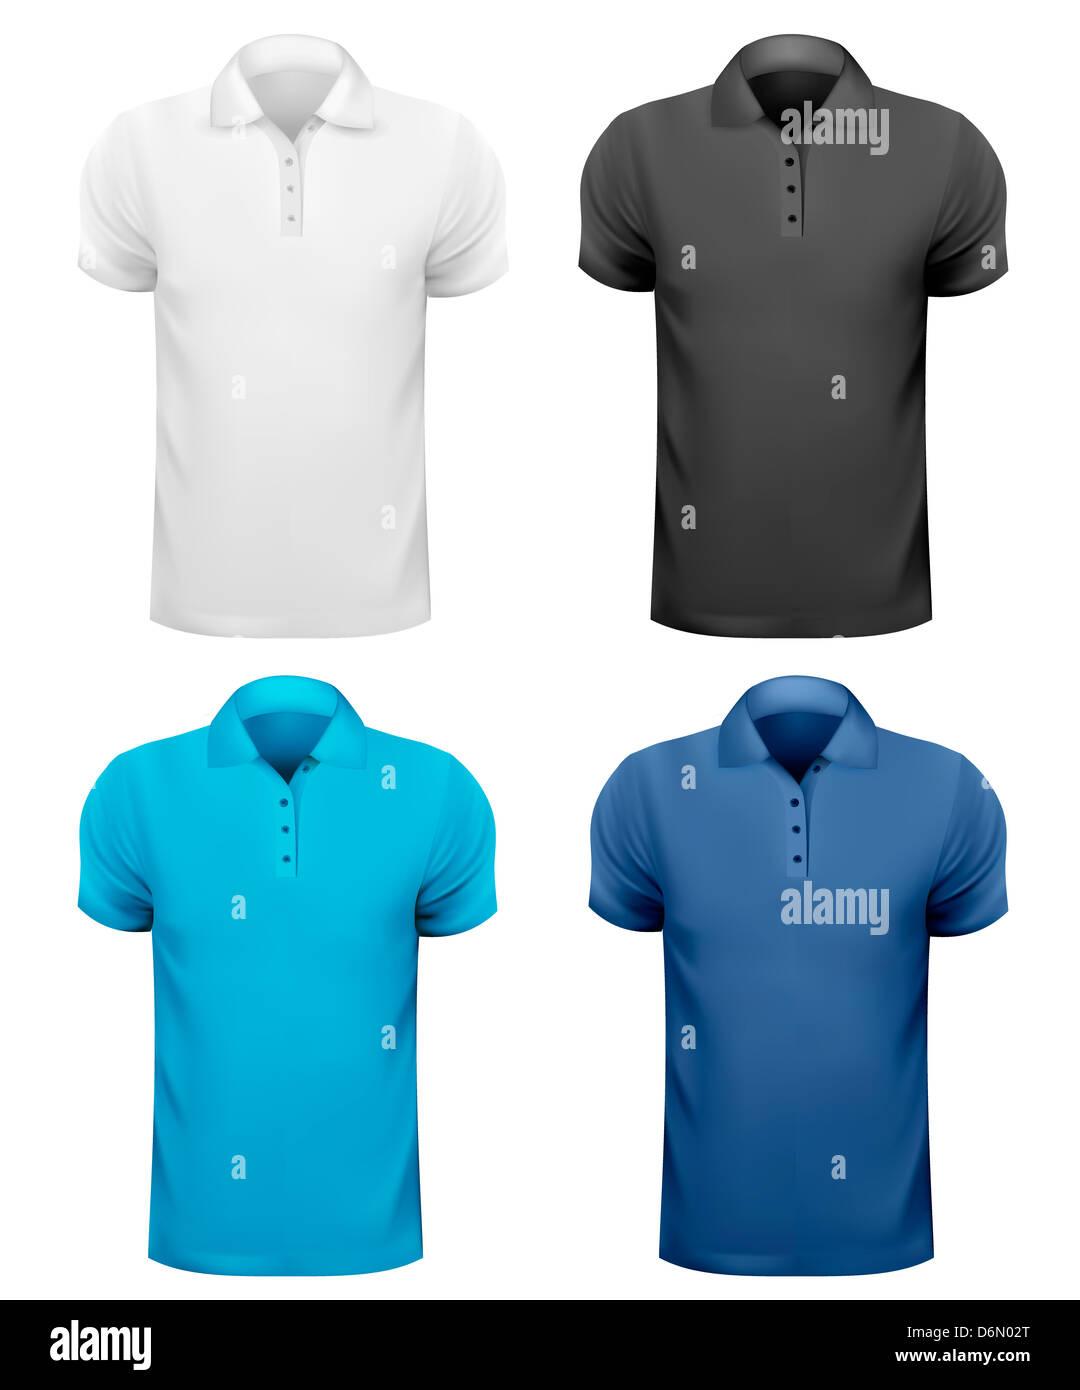 Nett Shirt Vorlage Vektor Ideen - Beispiel Business Lebenslauf Ideen ...